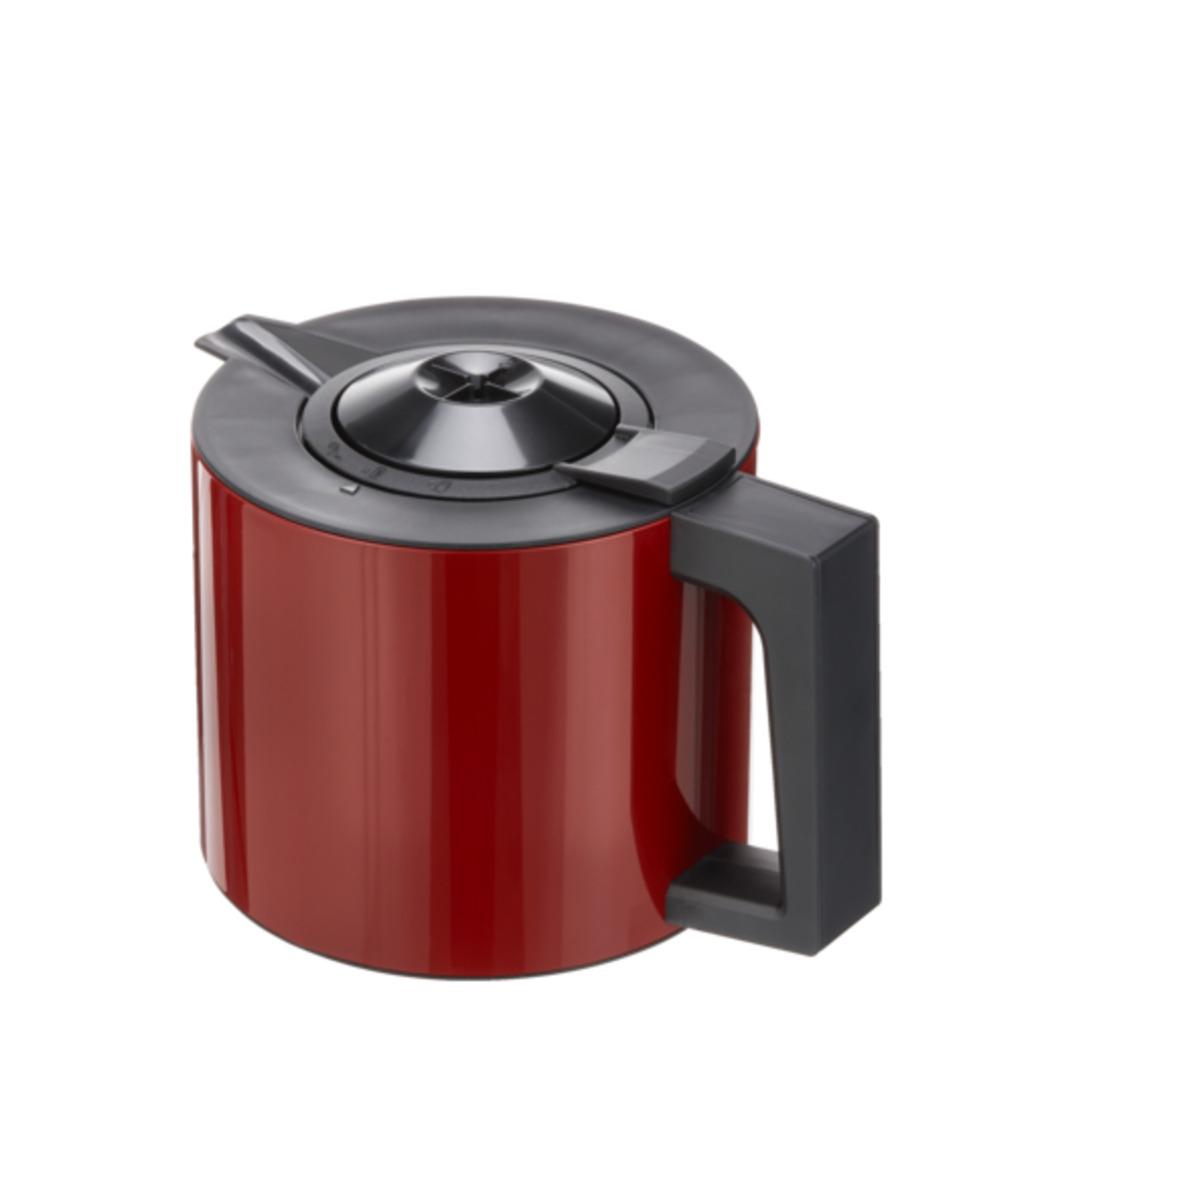 Bild 5 von Kaffeemaschine ritter Cafena 5, rot